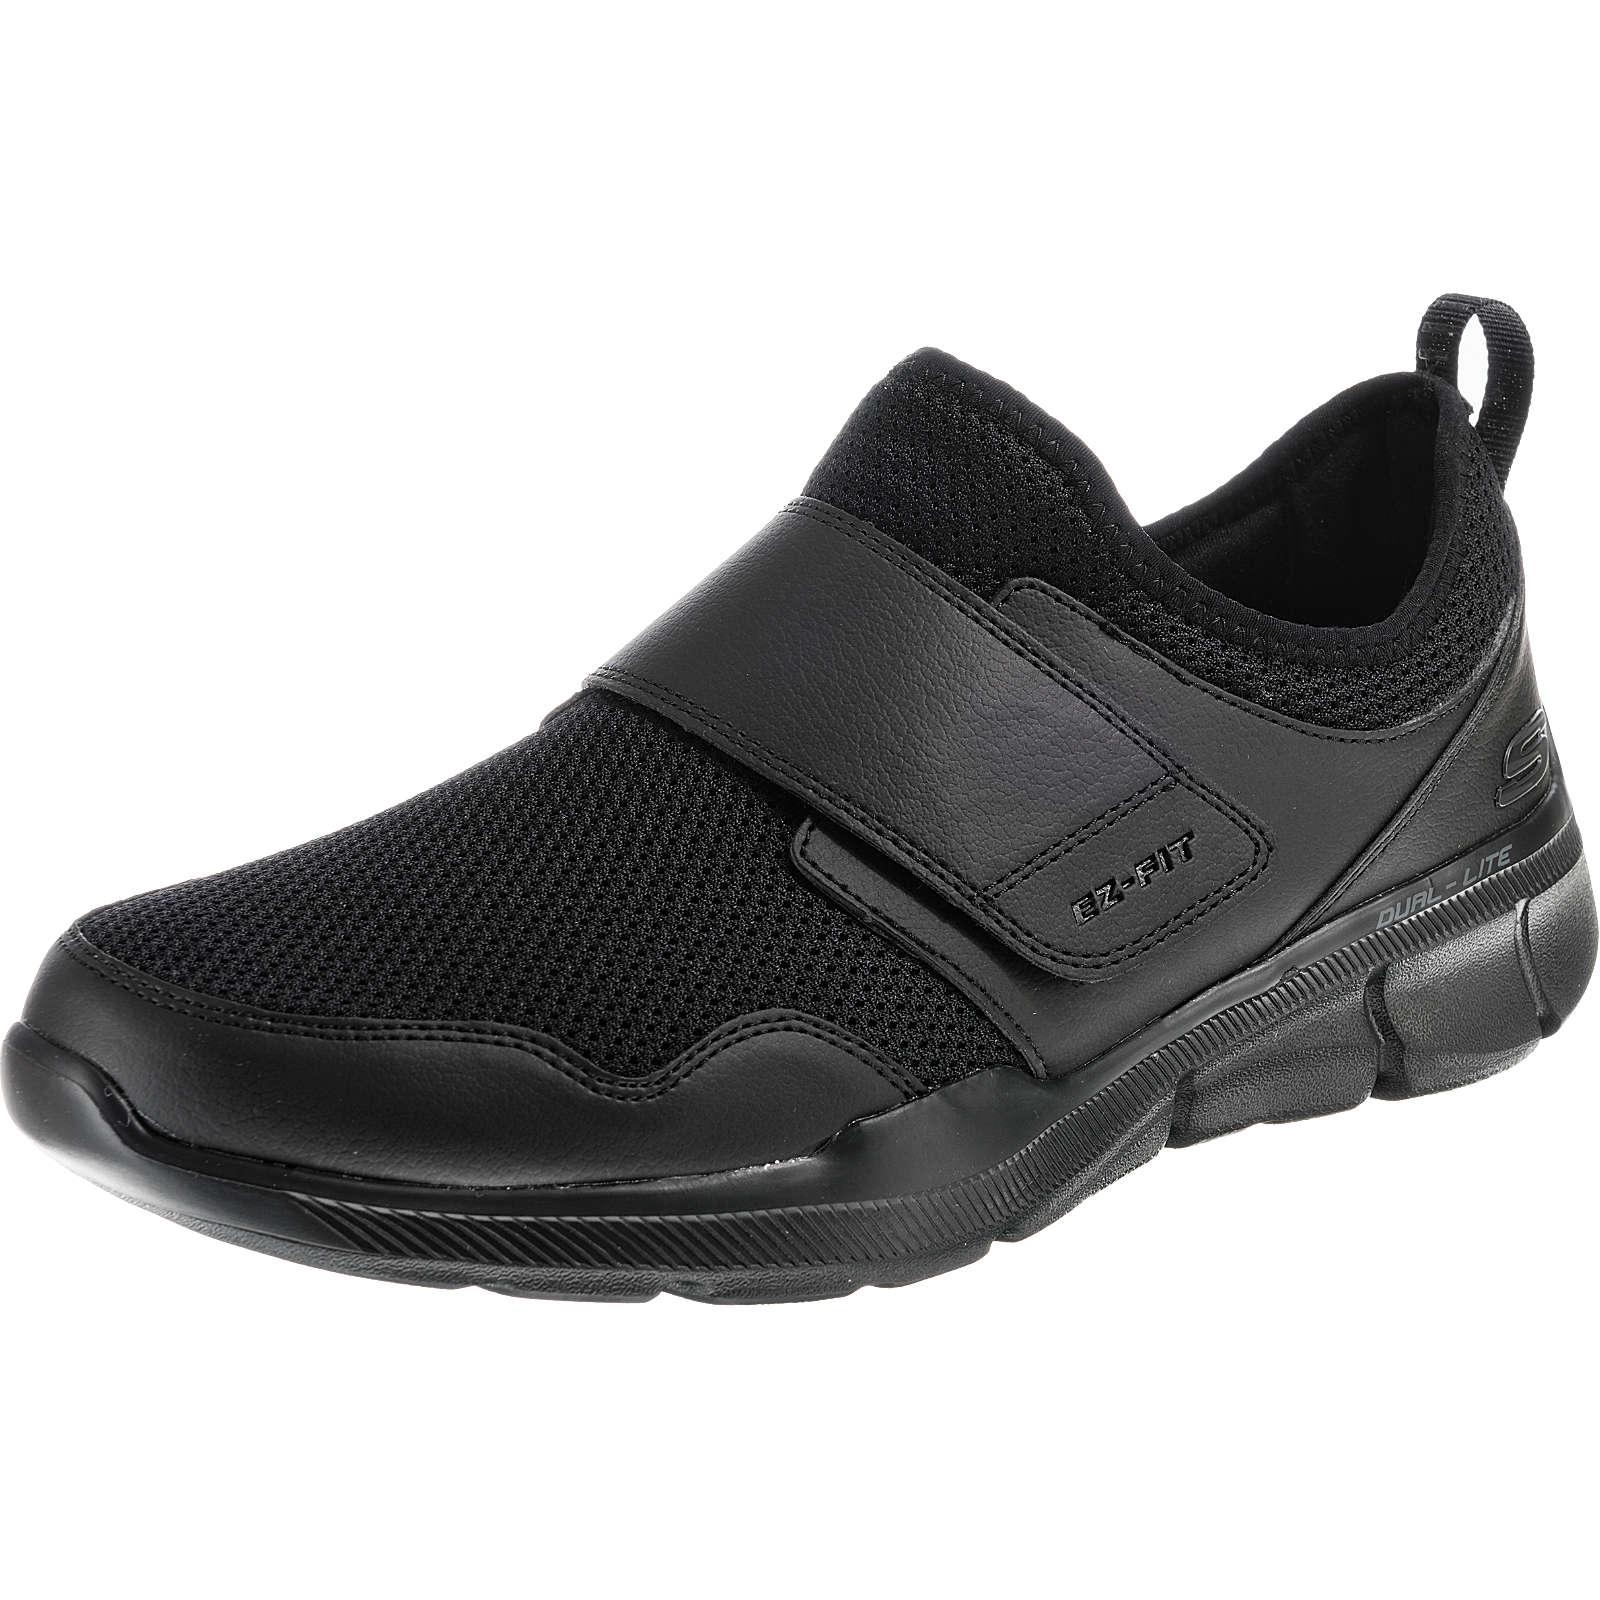 SKECHERS EQUALIZER 3.0 BERNARE Sneakers Low schwarz Herren Gr. 40